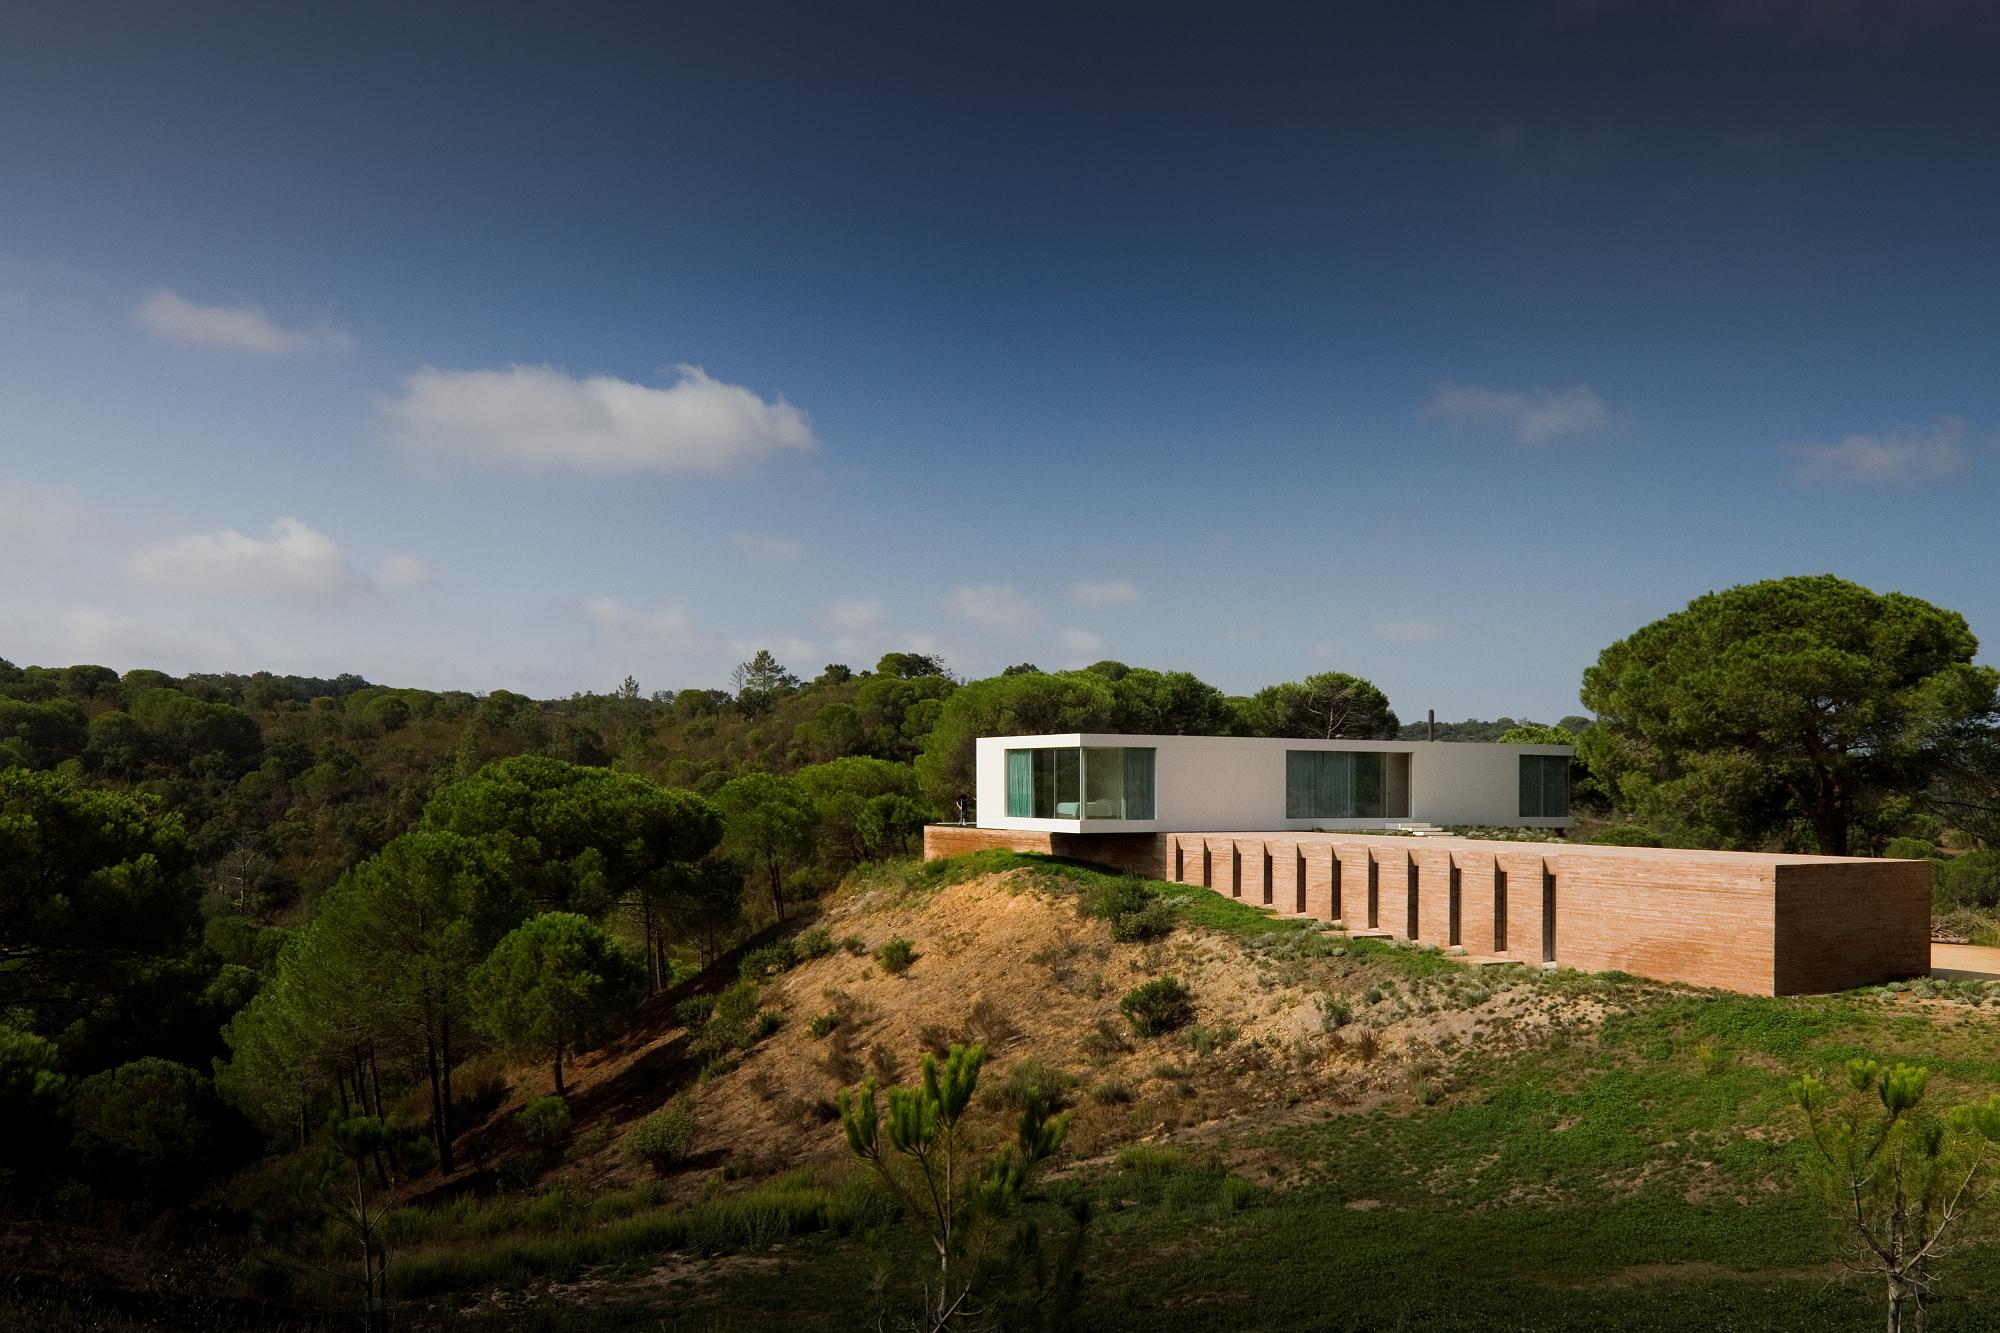 Casa em Melides / Pedro Reis, © FG+SG – Fernando Guerra, Sergio Guerra